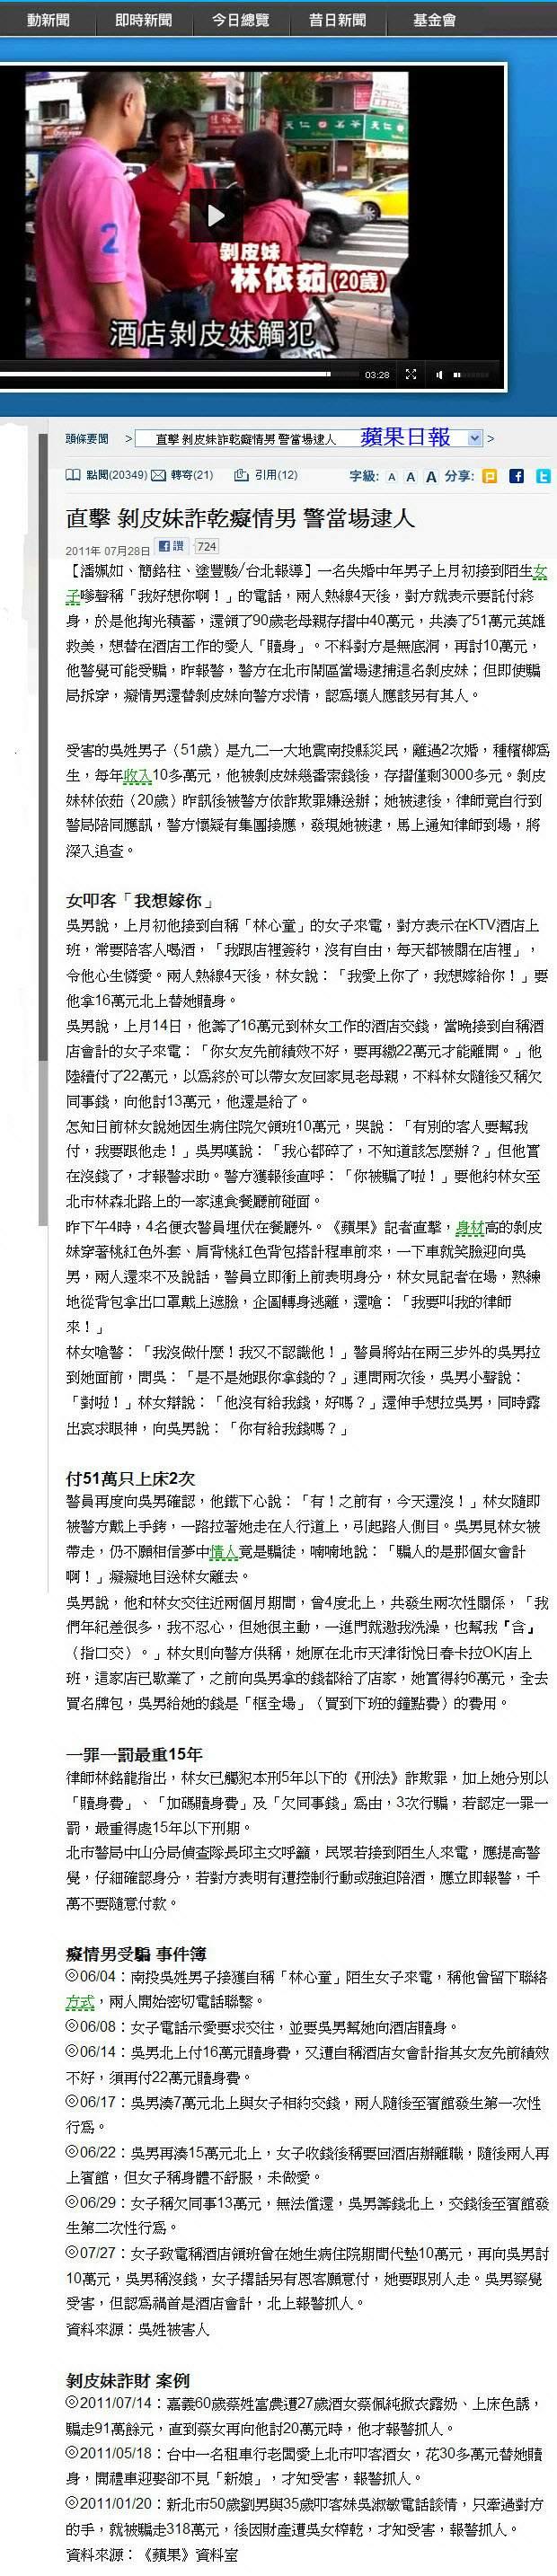 直擊 剝皮妹詐乾癡情男 警當場逮人-2011.07.28-01.jpg